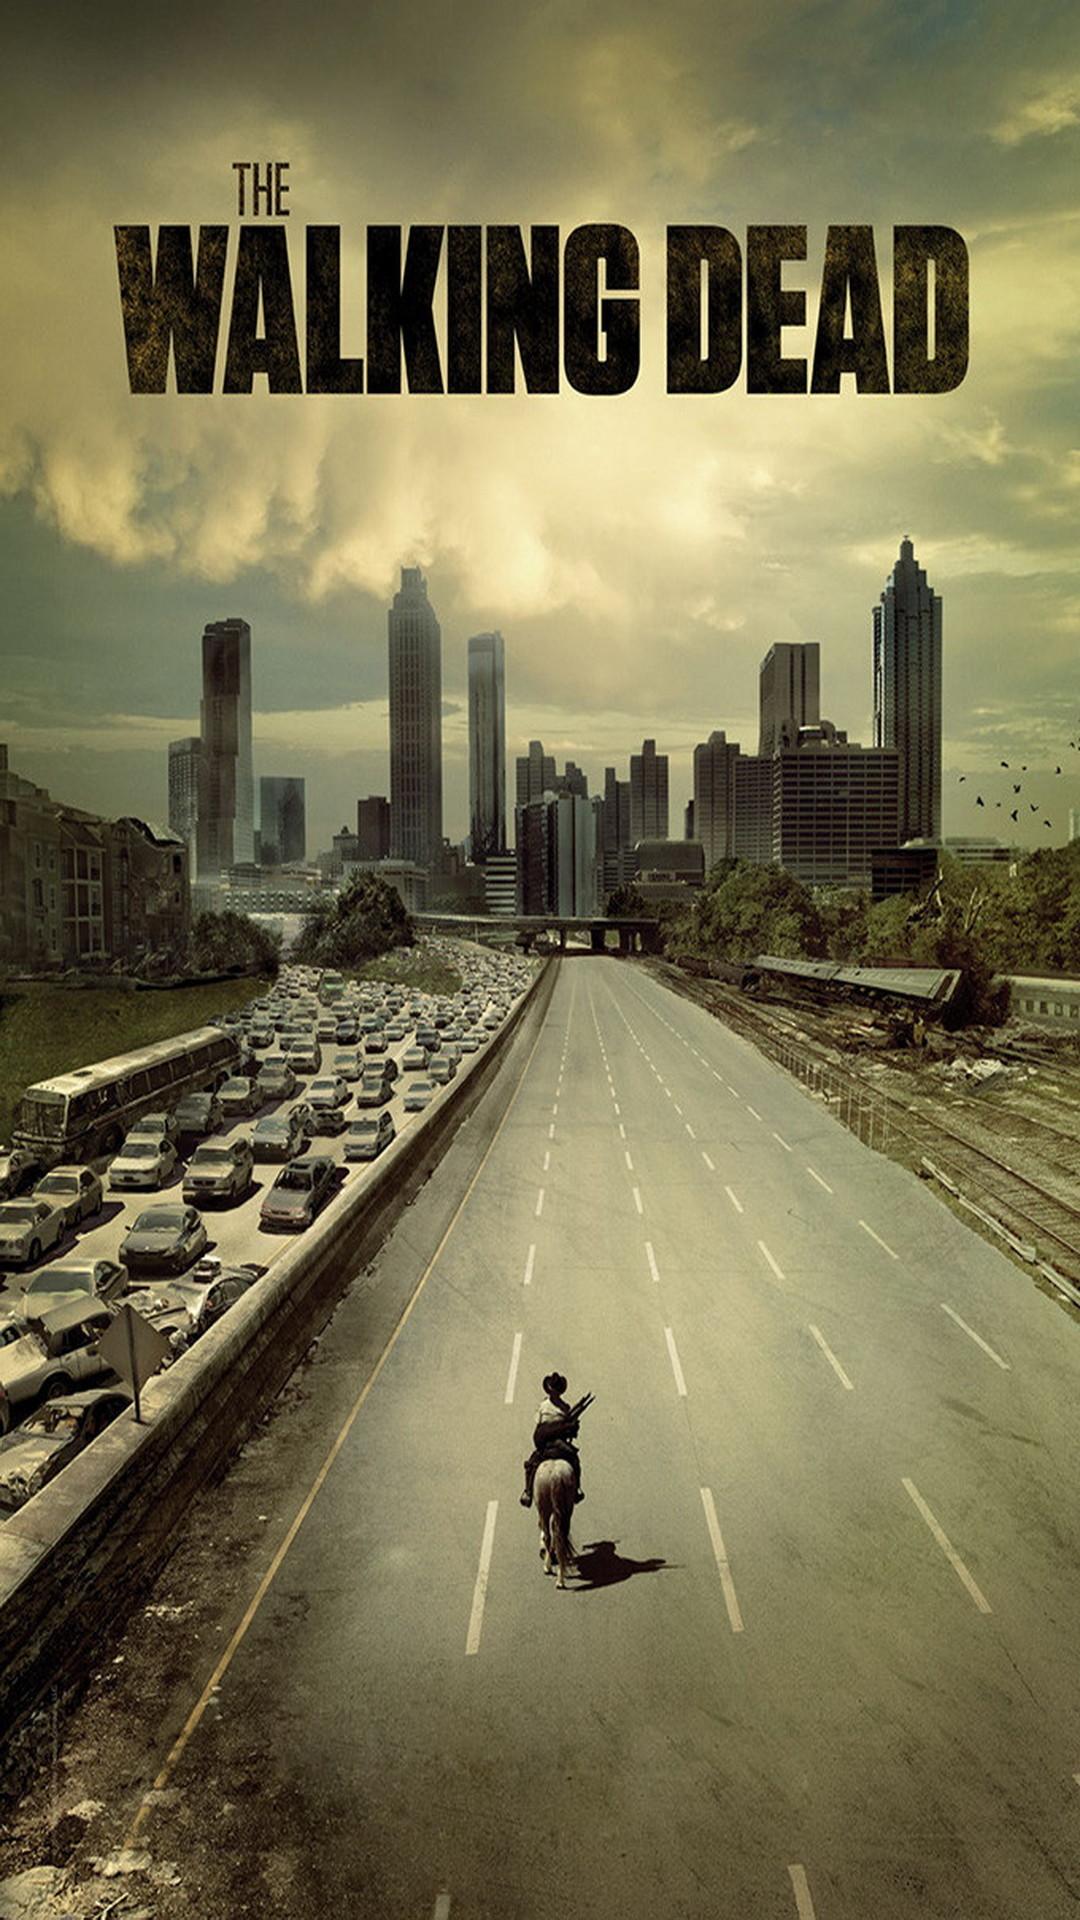 Best 25+ Walking dead wallpaper ideas on Pinterest   Walking dead art, He walking  dead and Season 5 walking dead